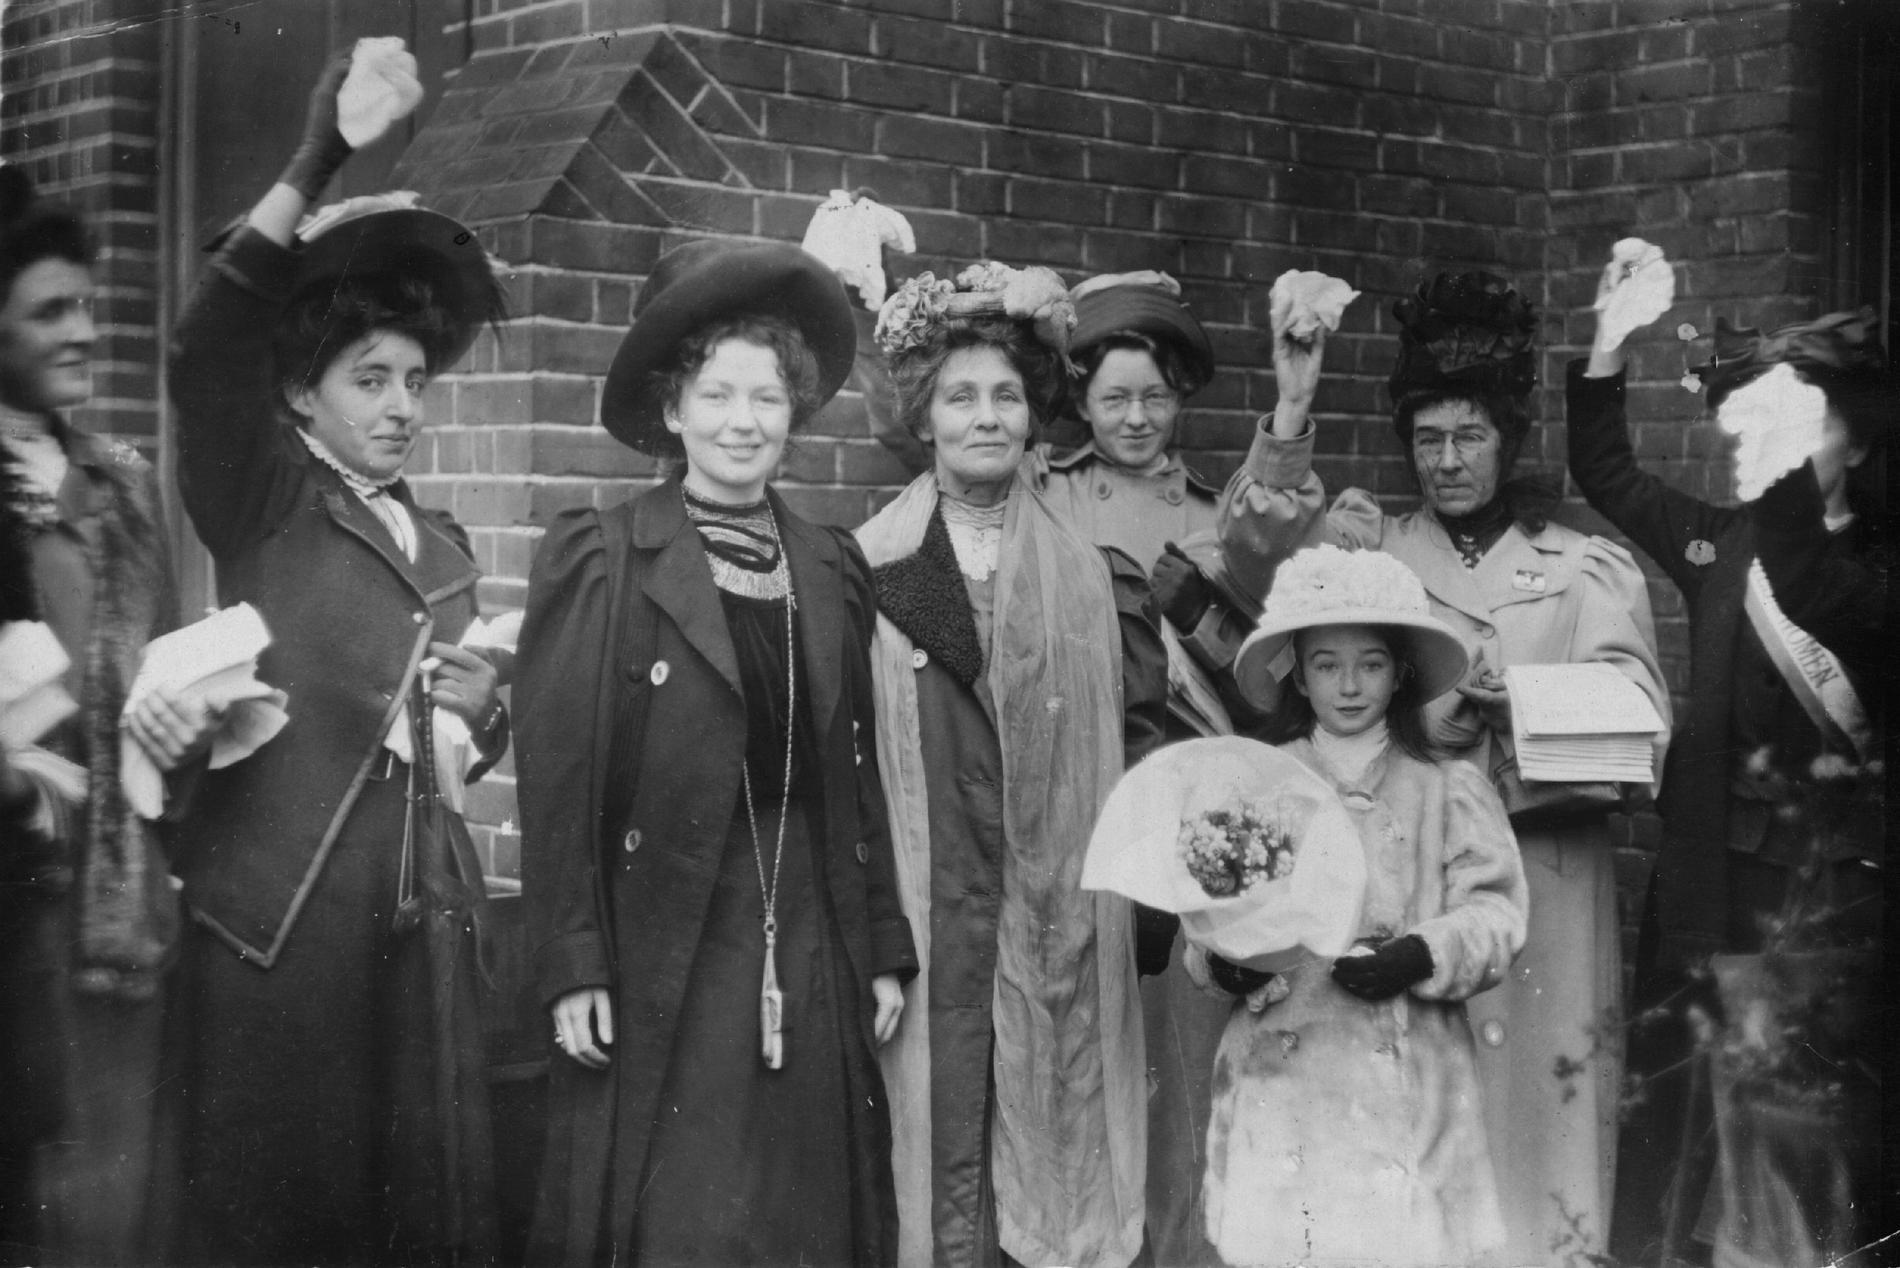 suffragettes_5.jpg